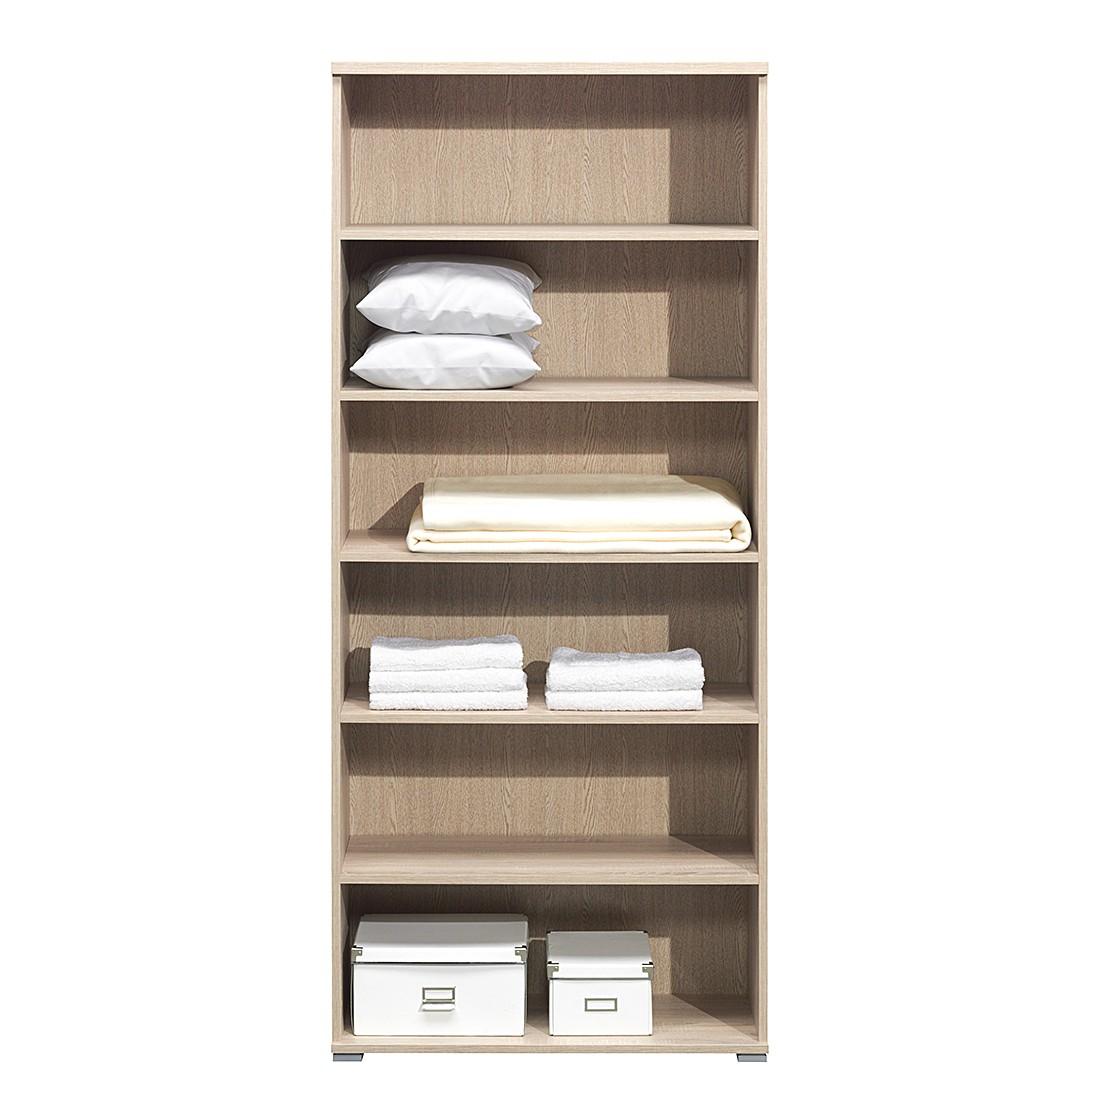 schmale b cherregale preisvergleiche erfahrungsberichte und kauf bei nextag. Black Bedroom Furniture Sets. Home Design Ideas